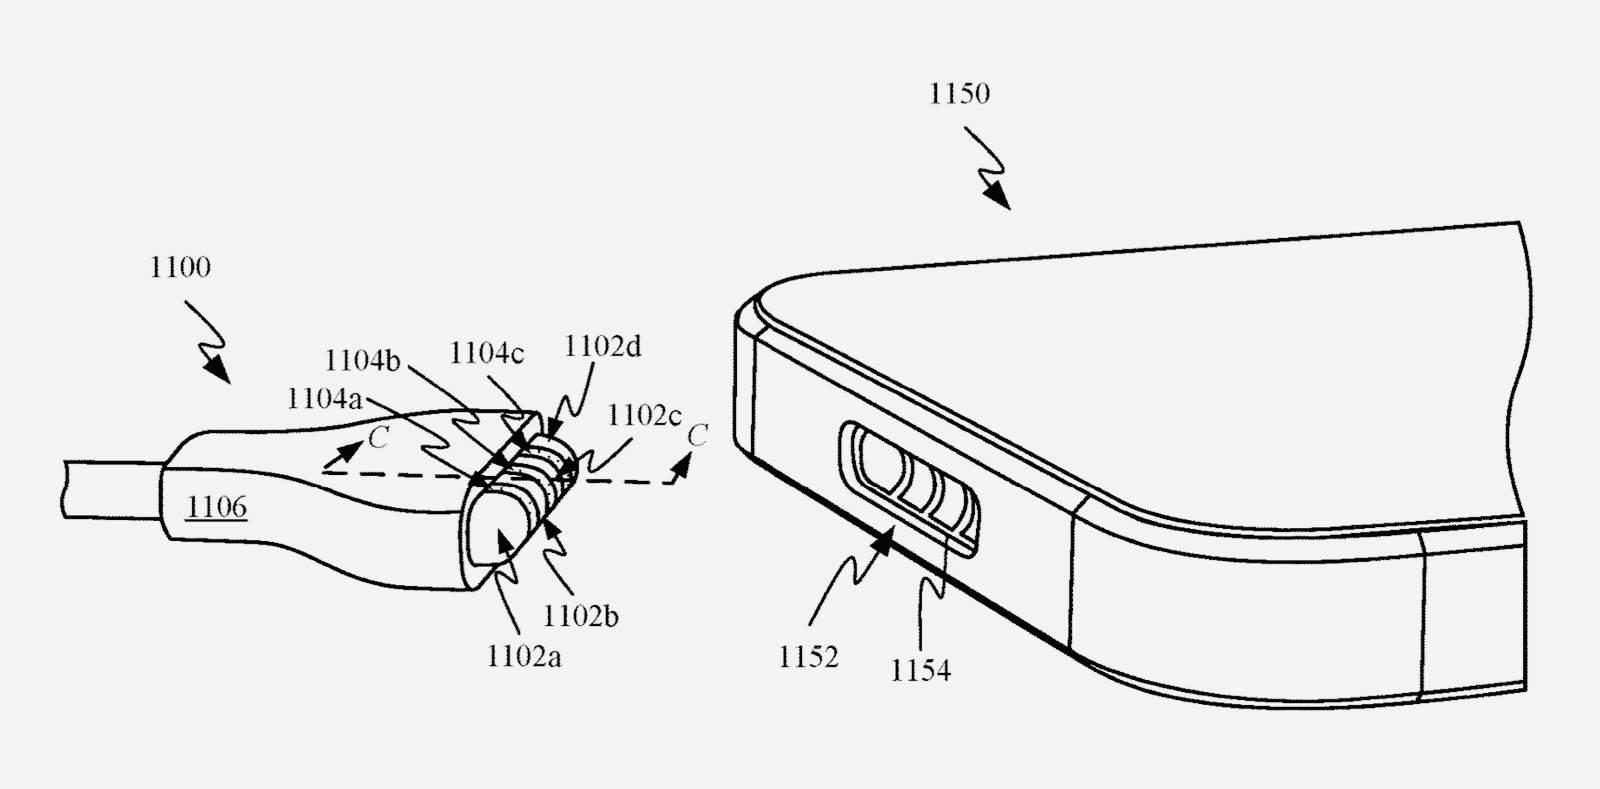 Firma Apple opatentowała magnetyczną ładowarkę MagSafe do iPhone polecane, ciekawostki złacze MagSafe, Patent, iPhone, Apple  Nowy patent firmy Apple, pokazuje nam i opisuje magnetyczne złącze ładowania MagSafe, które może wkrótce zastąpić Lightning. magsafe 1